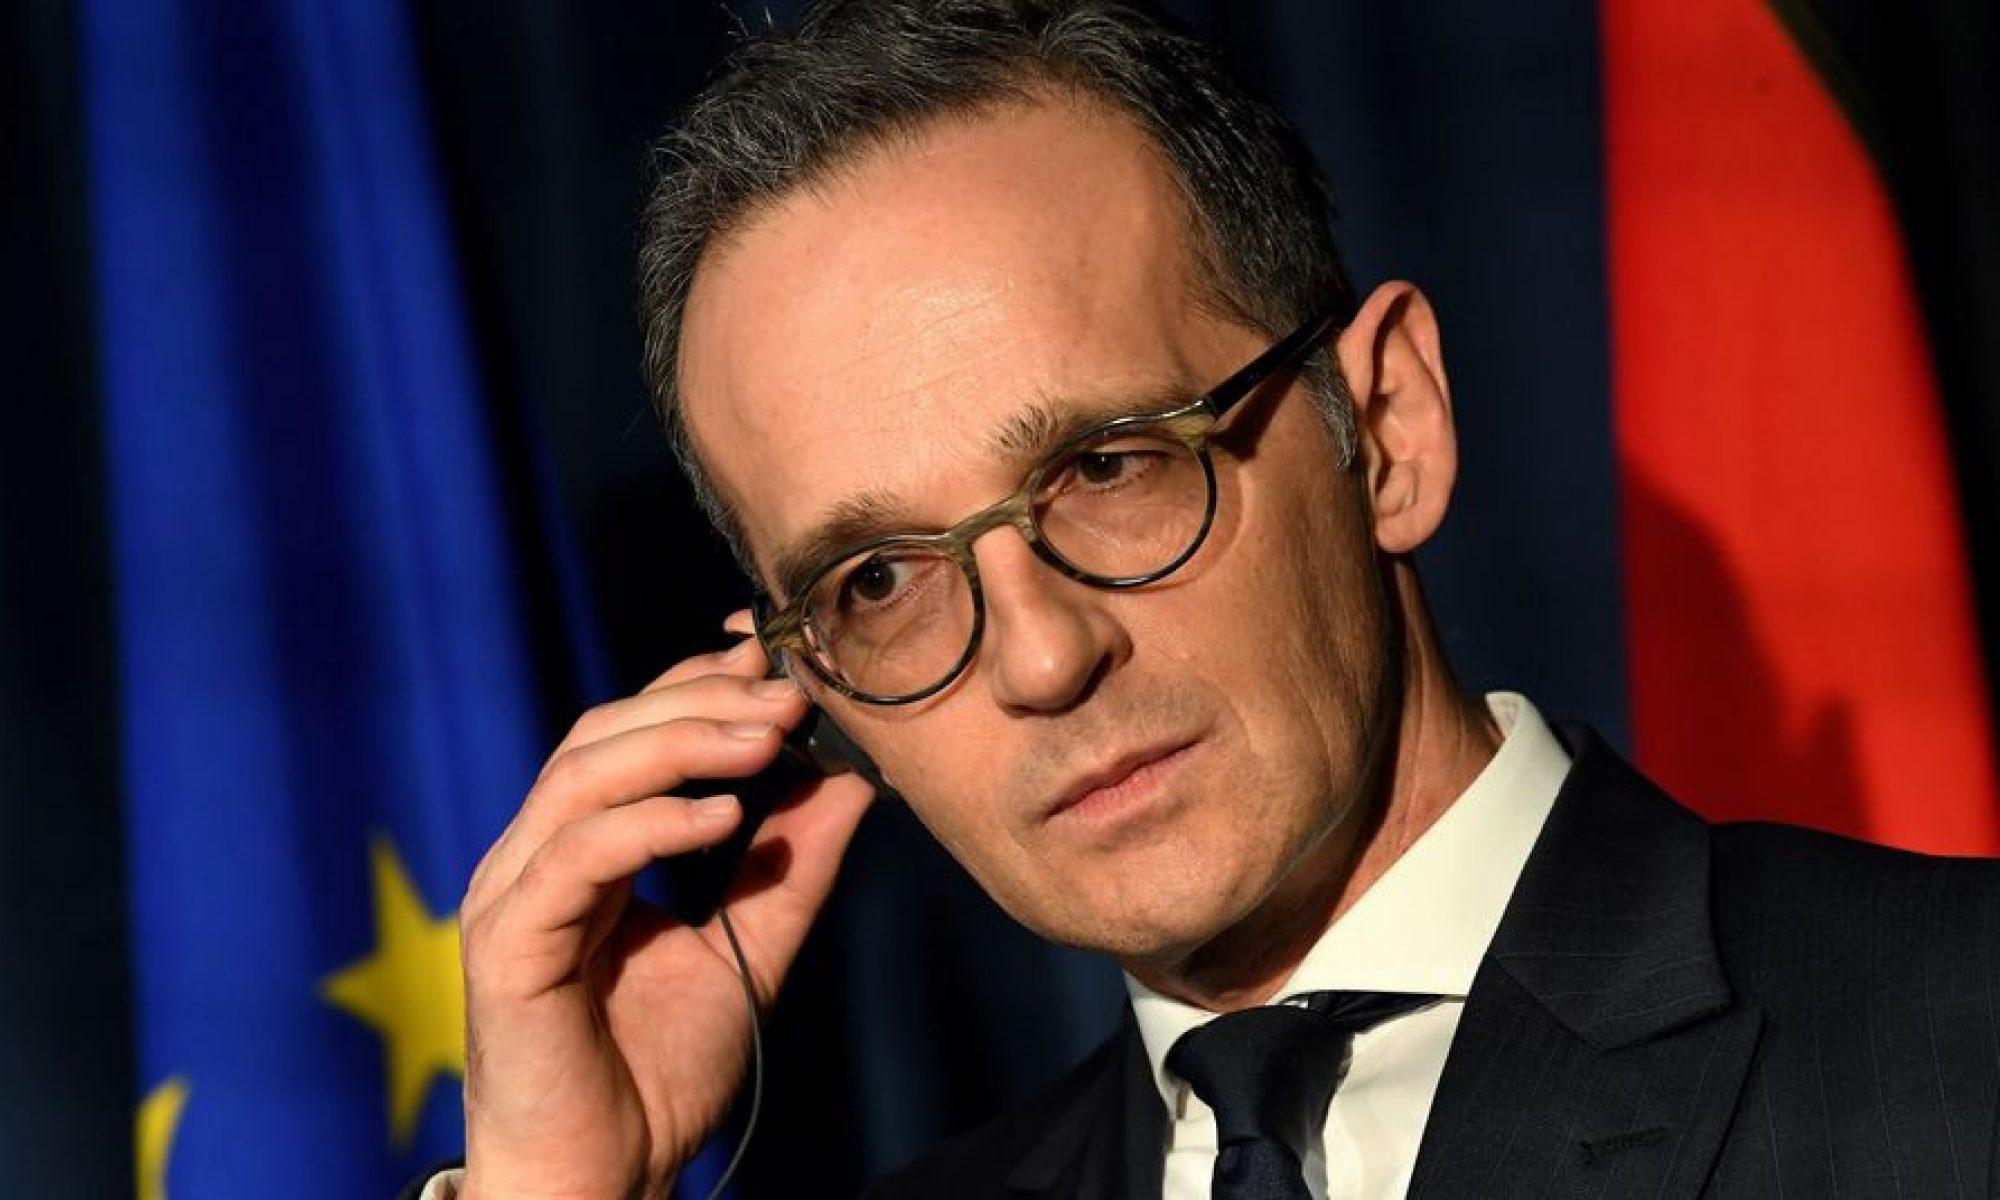 Глава МИД Германии заявил, что Евросоюз готов к диалогу с Россией